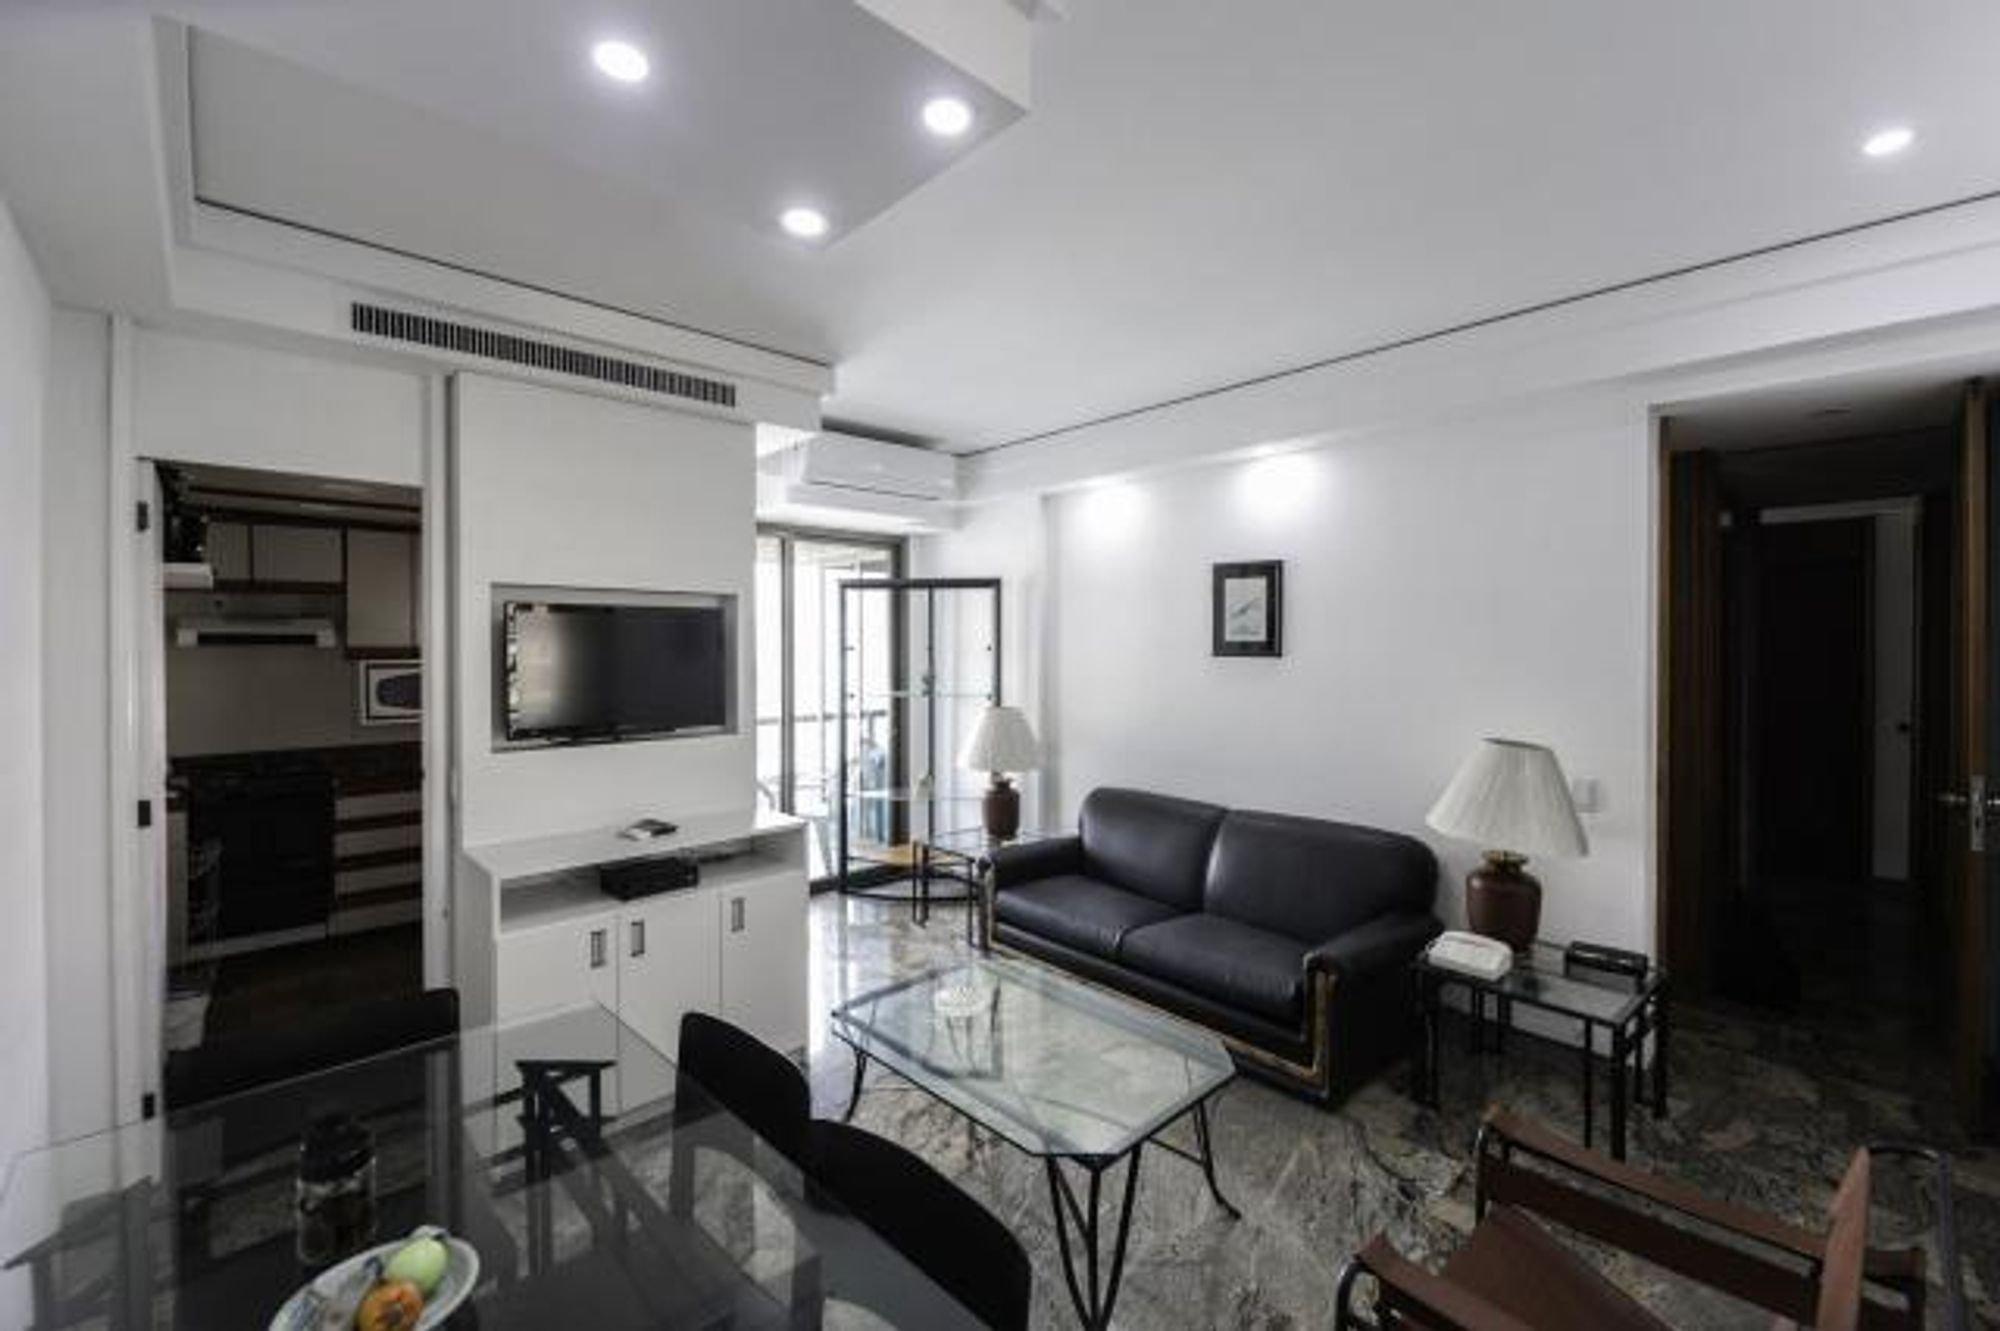 Foto de Sala com sofá, televisão, banco, cadeira